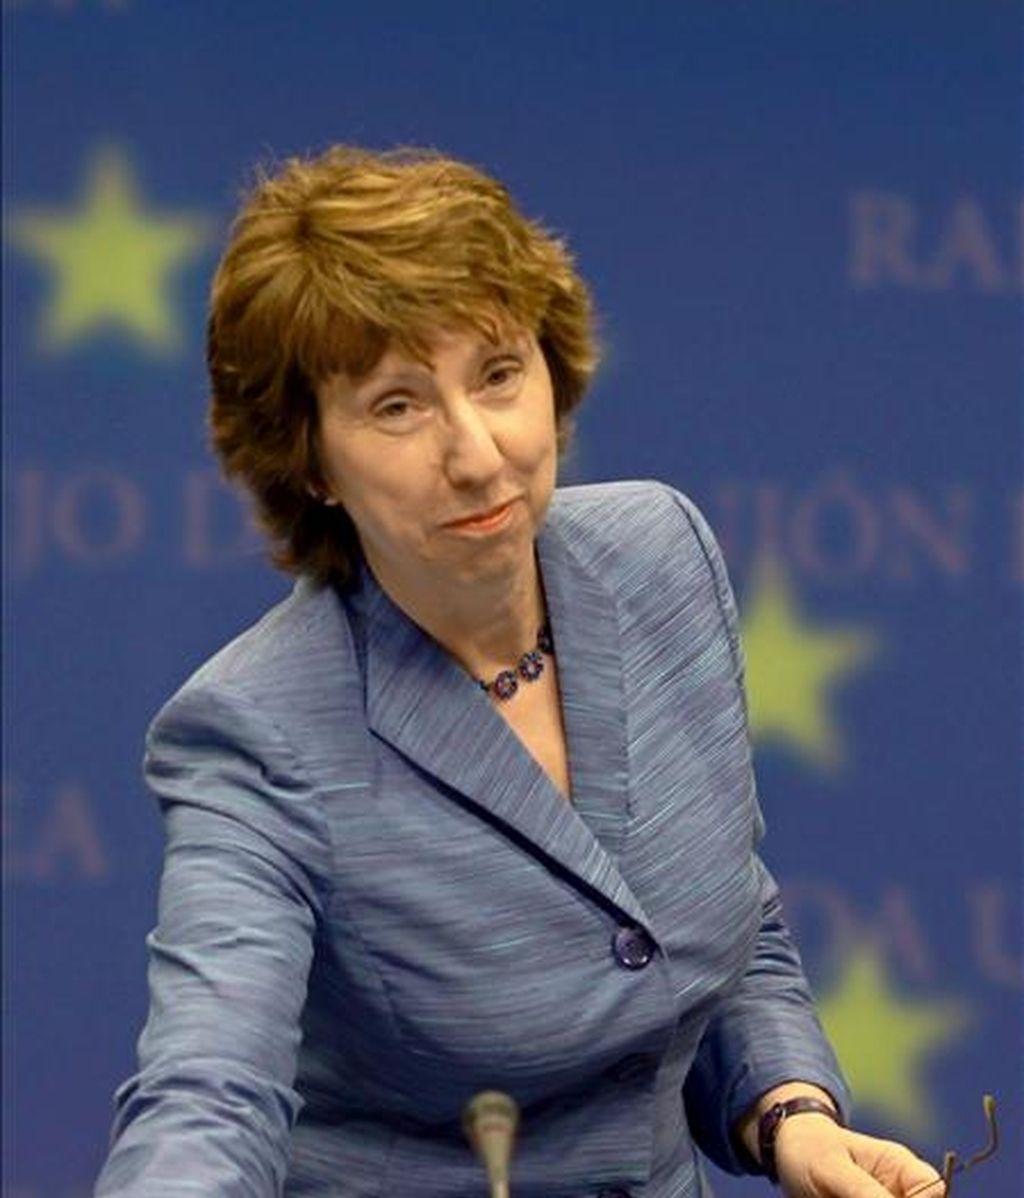 La jefa de la diplomacia europea, Catherine Ashton, sonríe a su llegada a una rueda de prensa tras una reunión de ministros de Asuntos Exteriores del Consejo Europeo en la sede de la organización en Bruselas, Bélgica. EFE